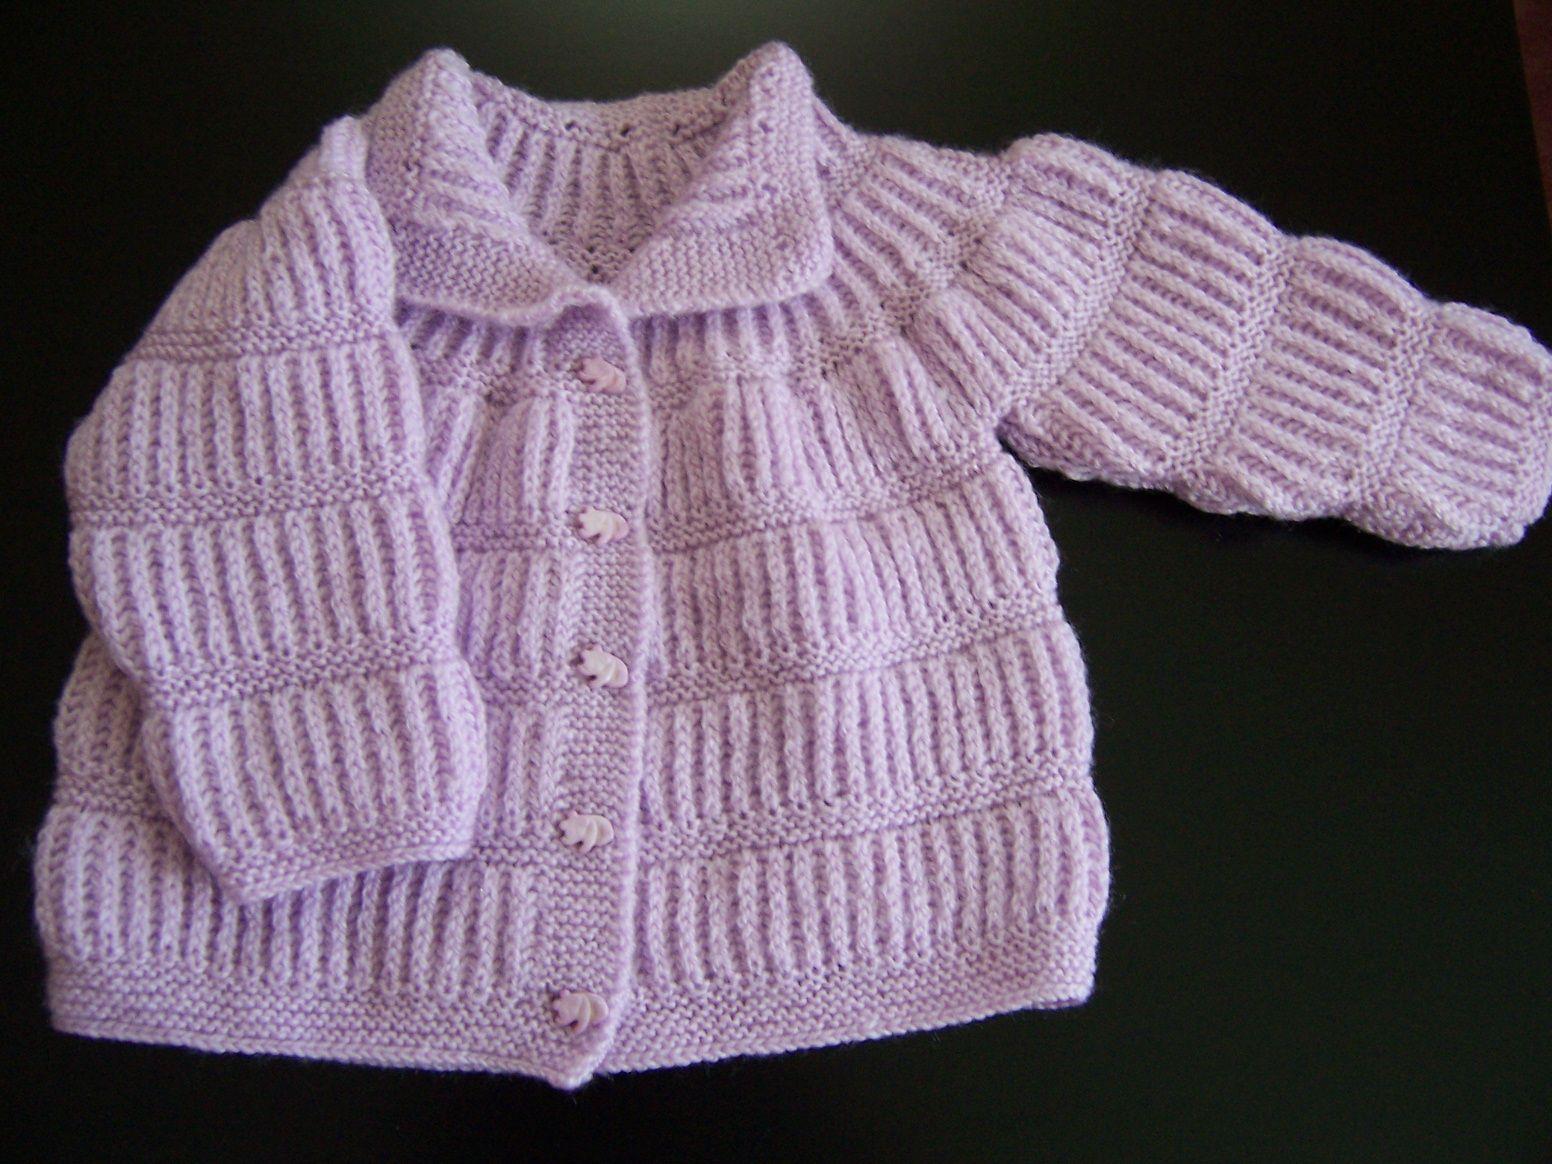 İşlemeli 12-18 Aylık Erkek Bebek Yelek Yapılışı Videolu Anlatımlı